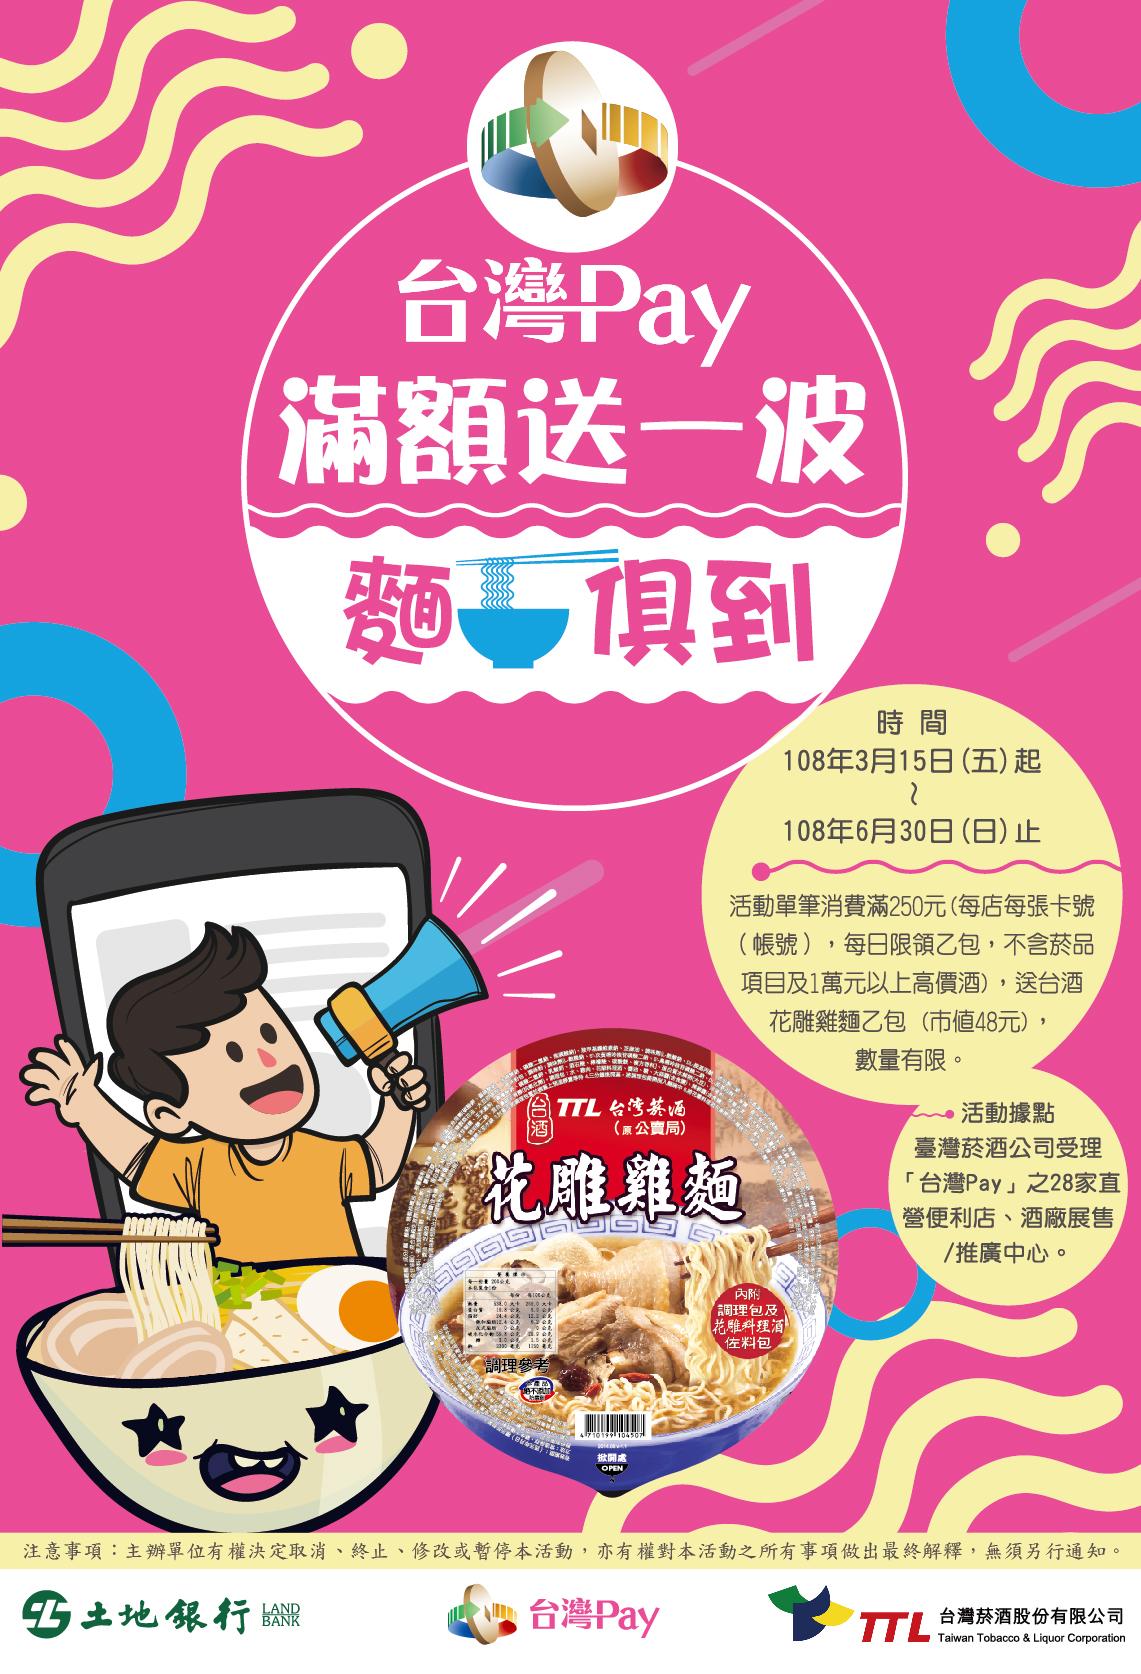 108年3月15日(五)~108年6月30日(日),使用「台灣Pay」掃碼支付,於臺灣菸酒公司受理「台灣Pay」之28家直營便利店、酒廠展售/推廣中心,單筆消費滿250元,送台酒花雕雞麵乙包。